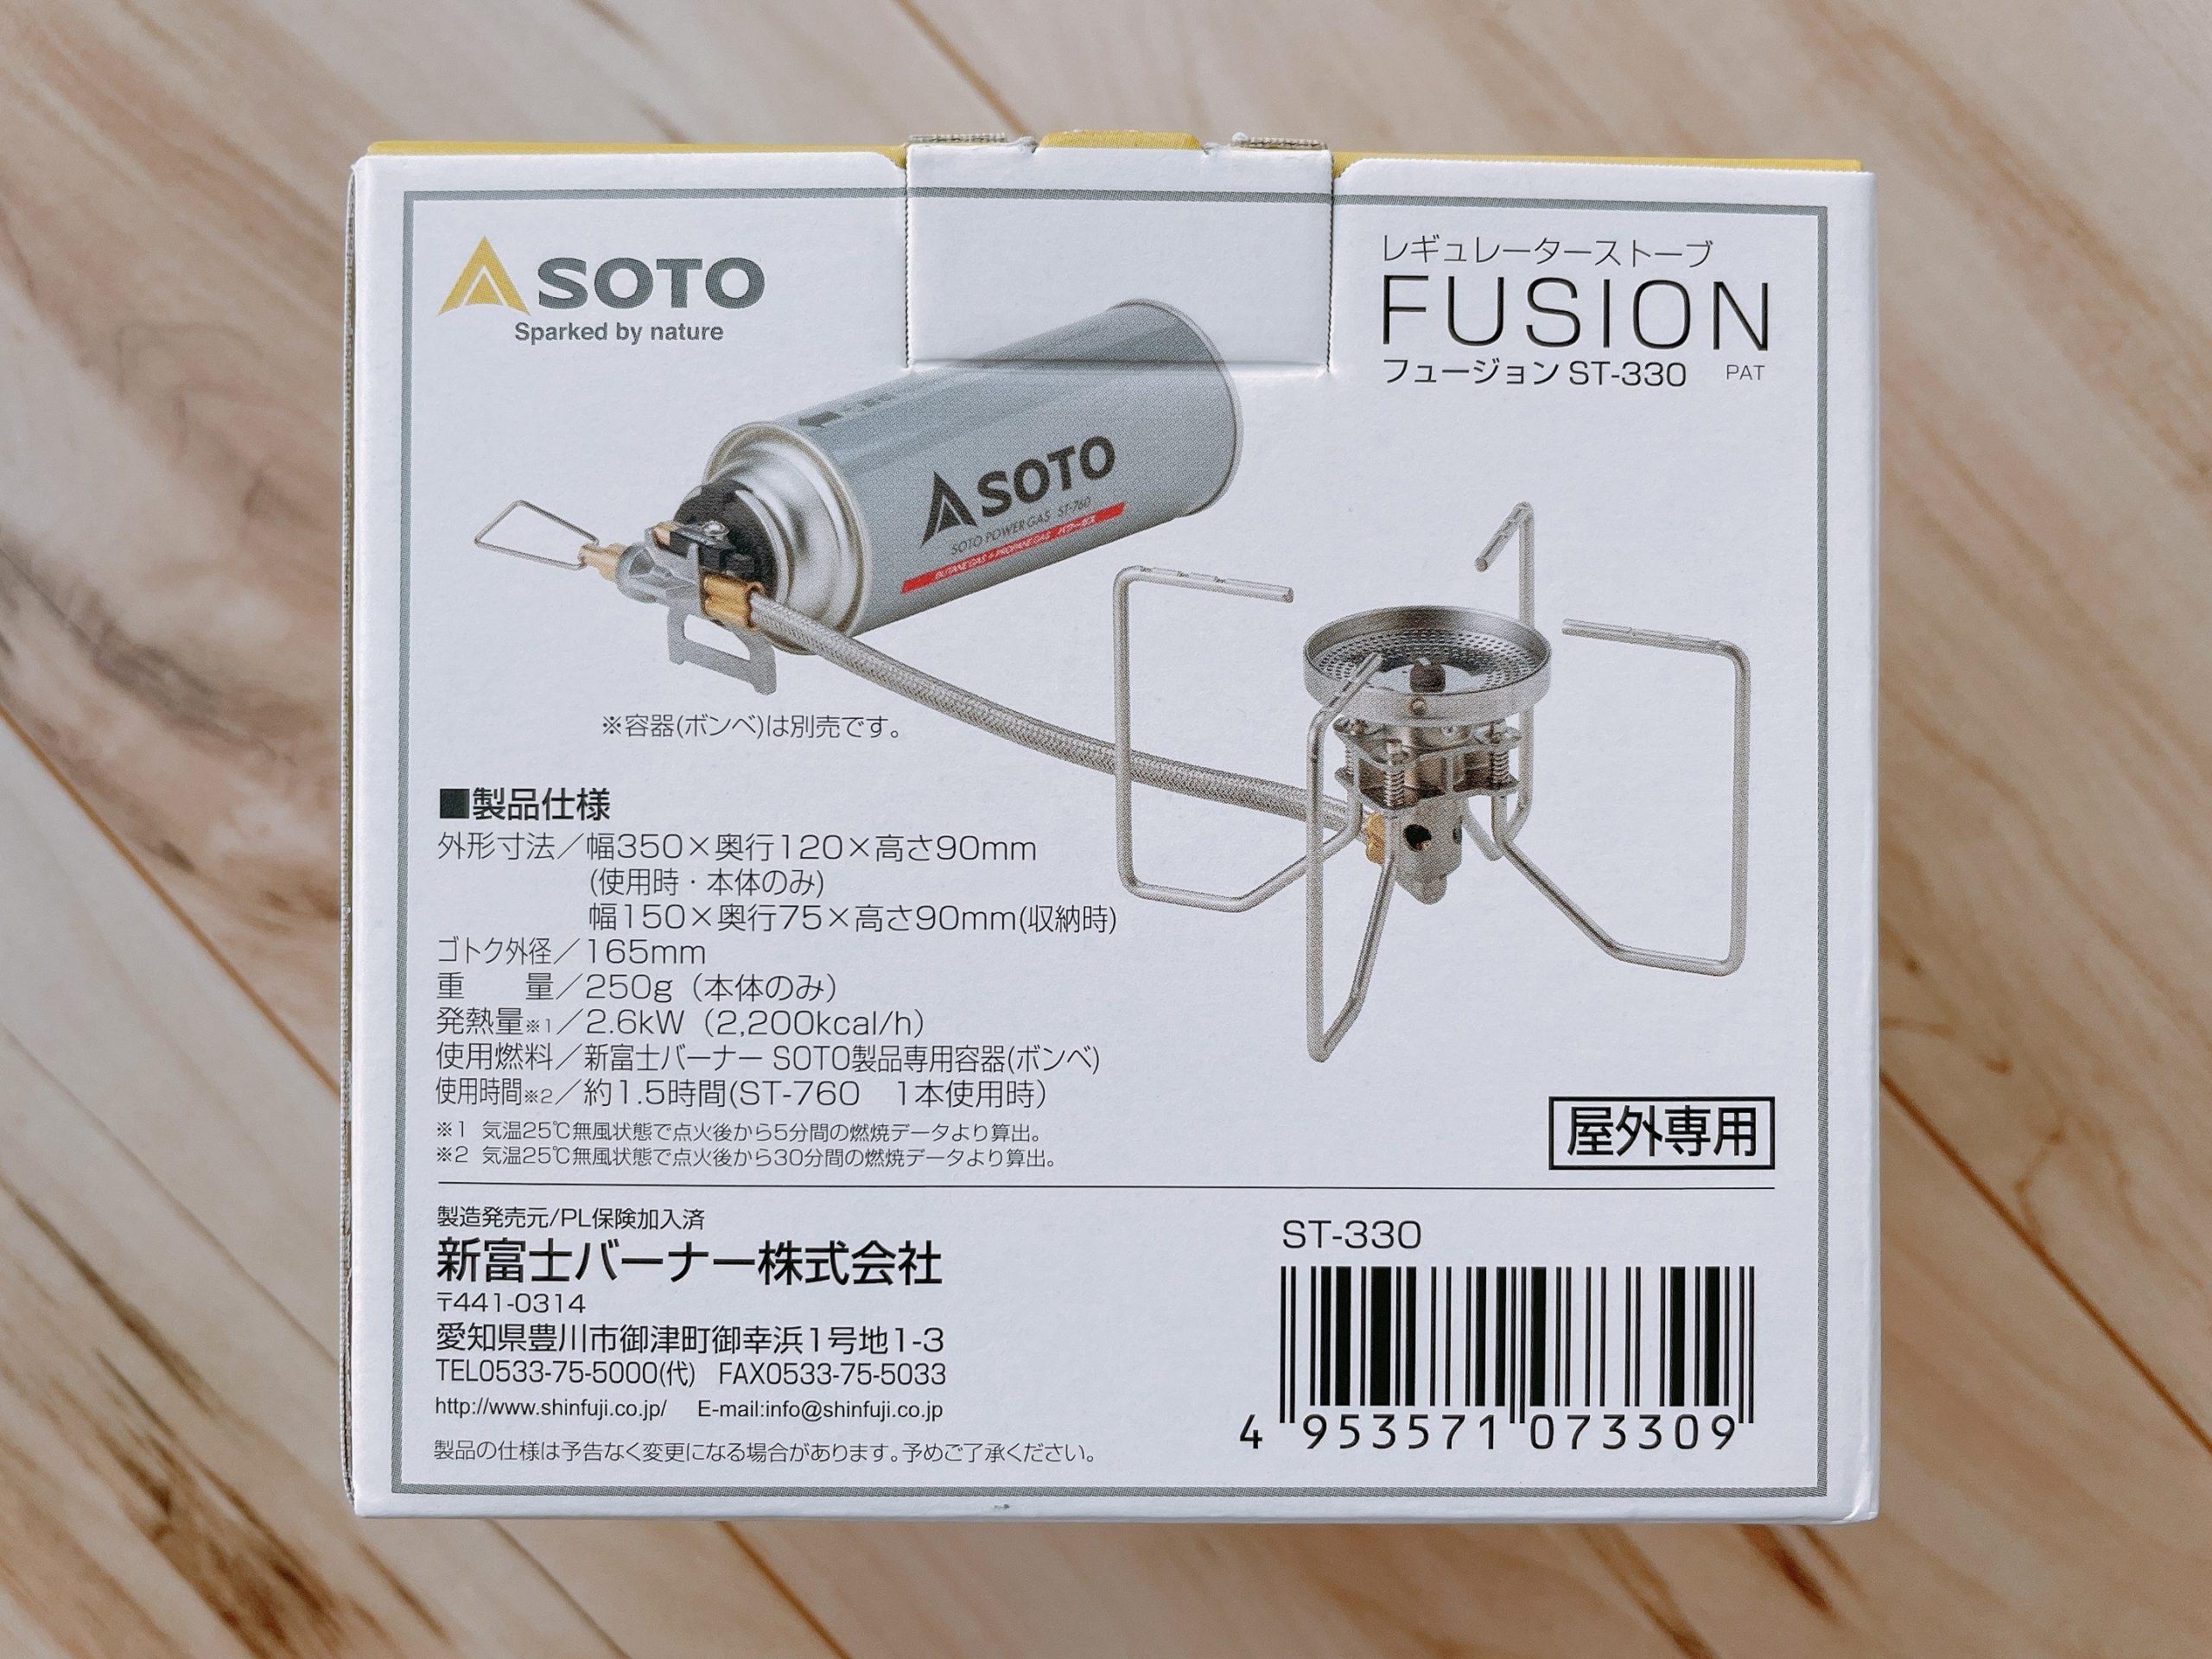 SOTO(ソト)バーナー<フュージョンST-330>側面箱3